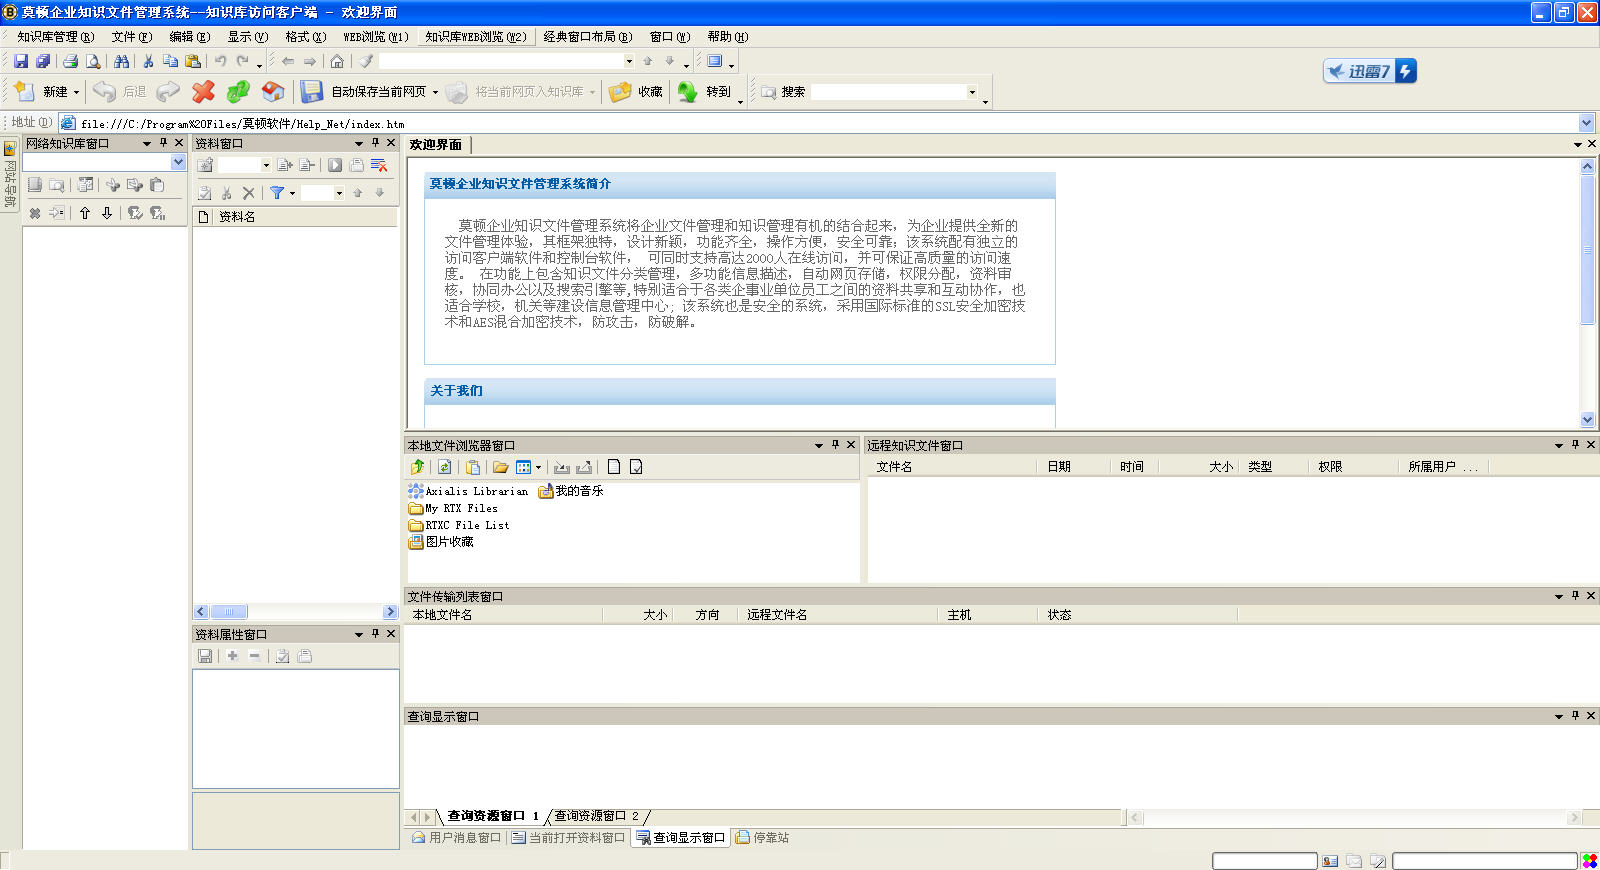 莫顿企业知识文件管理系统截图